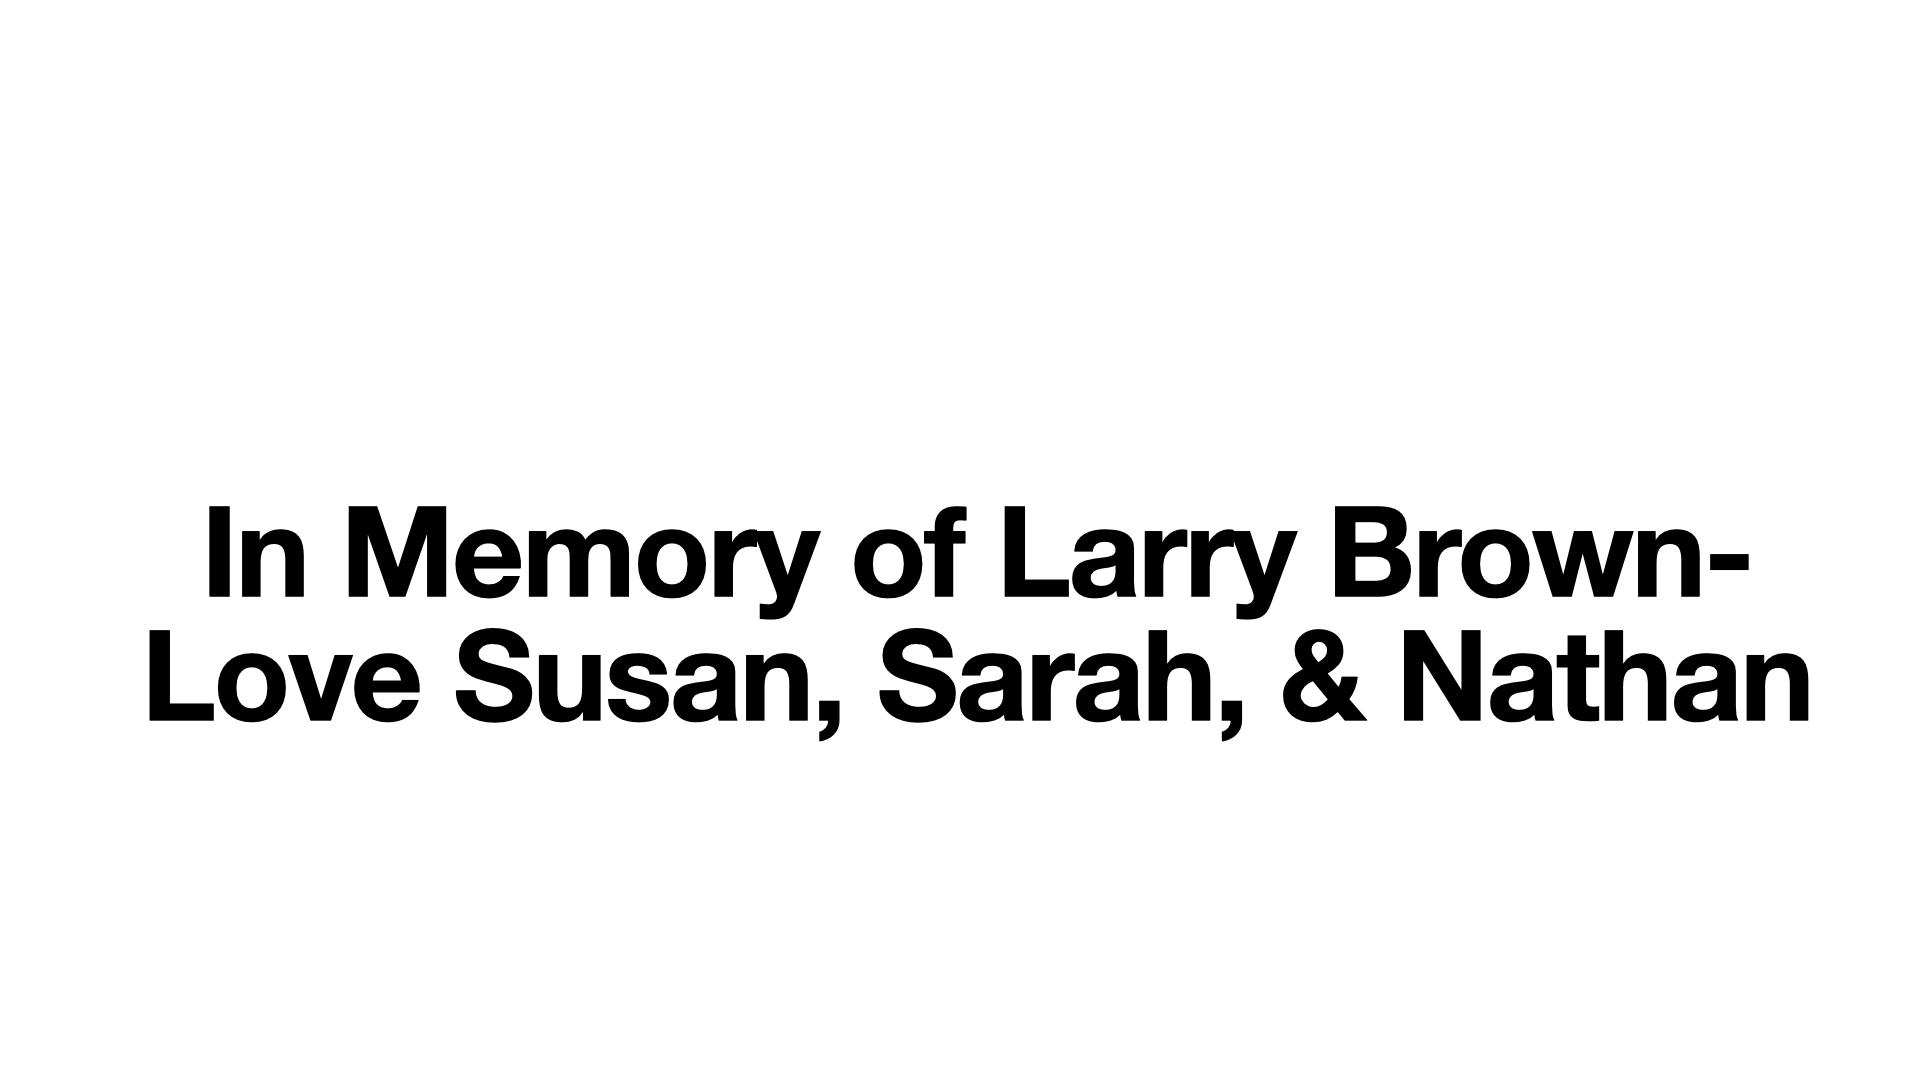 In Memory of Larry Brown- Love Susan, Sarah, and Nathan